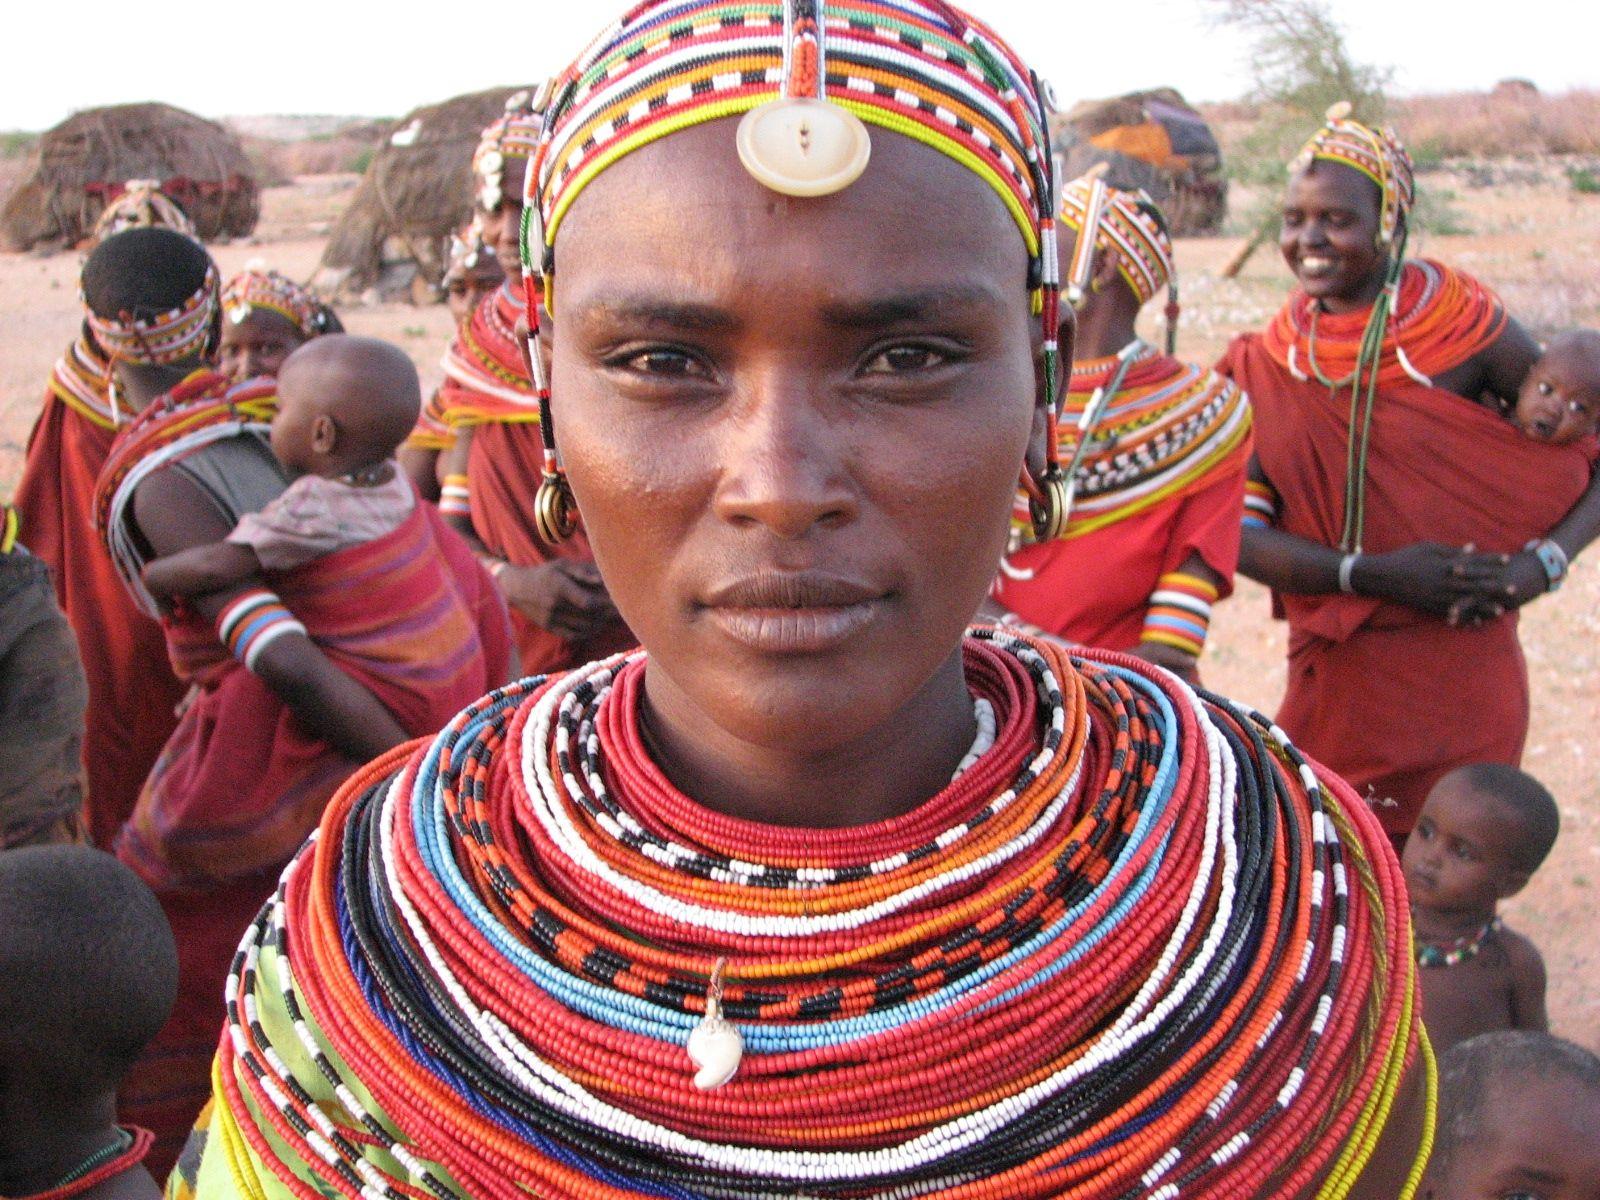 актриса африка жители фото терминов военного